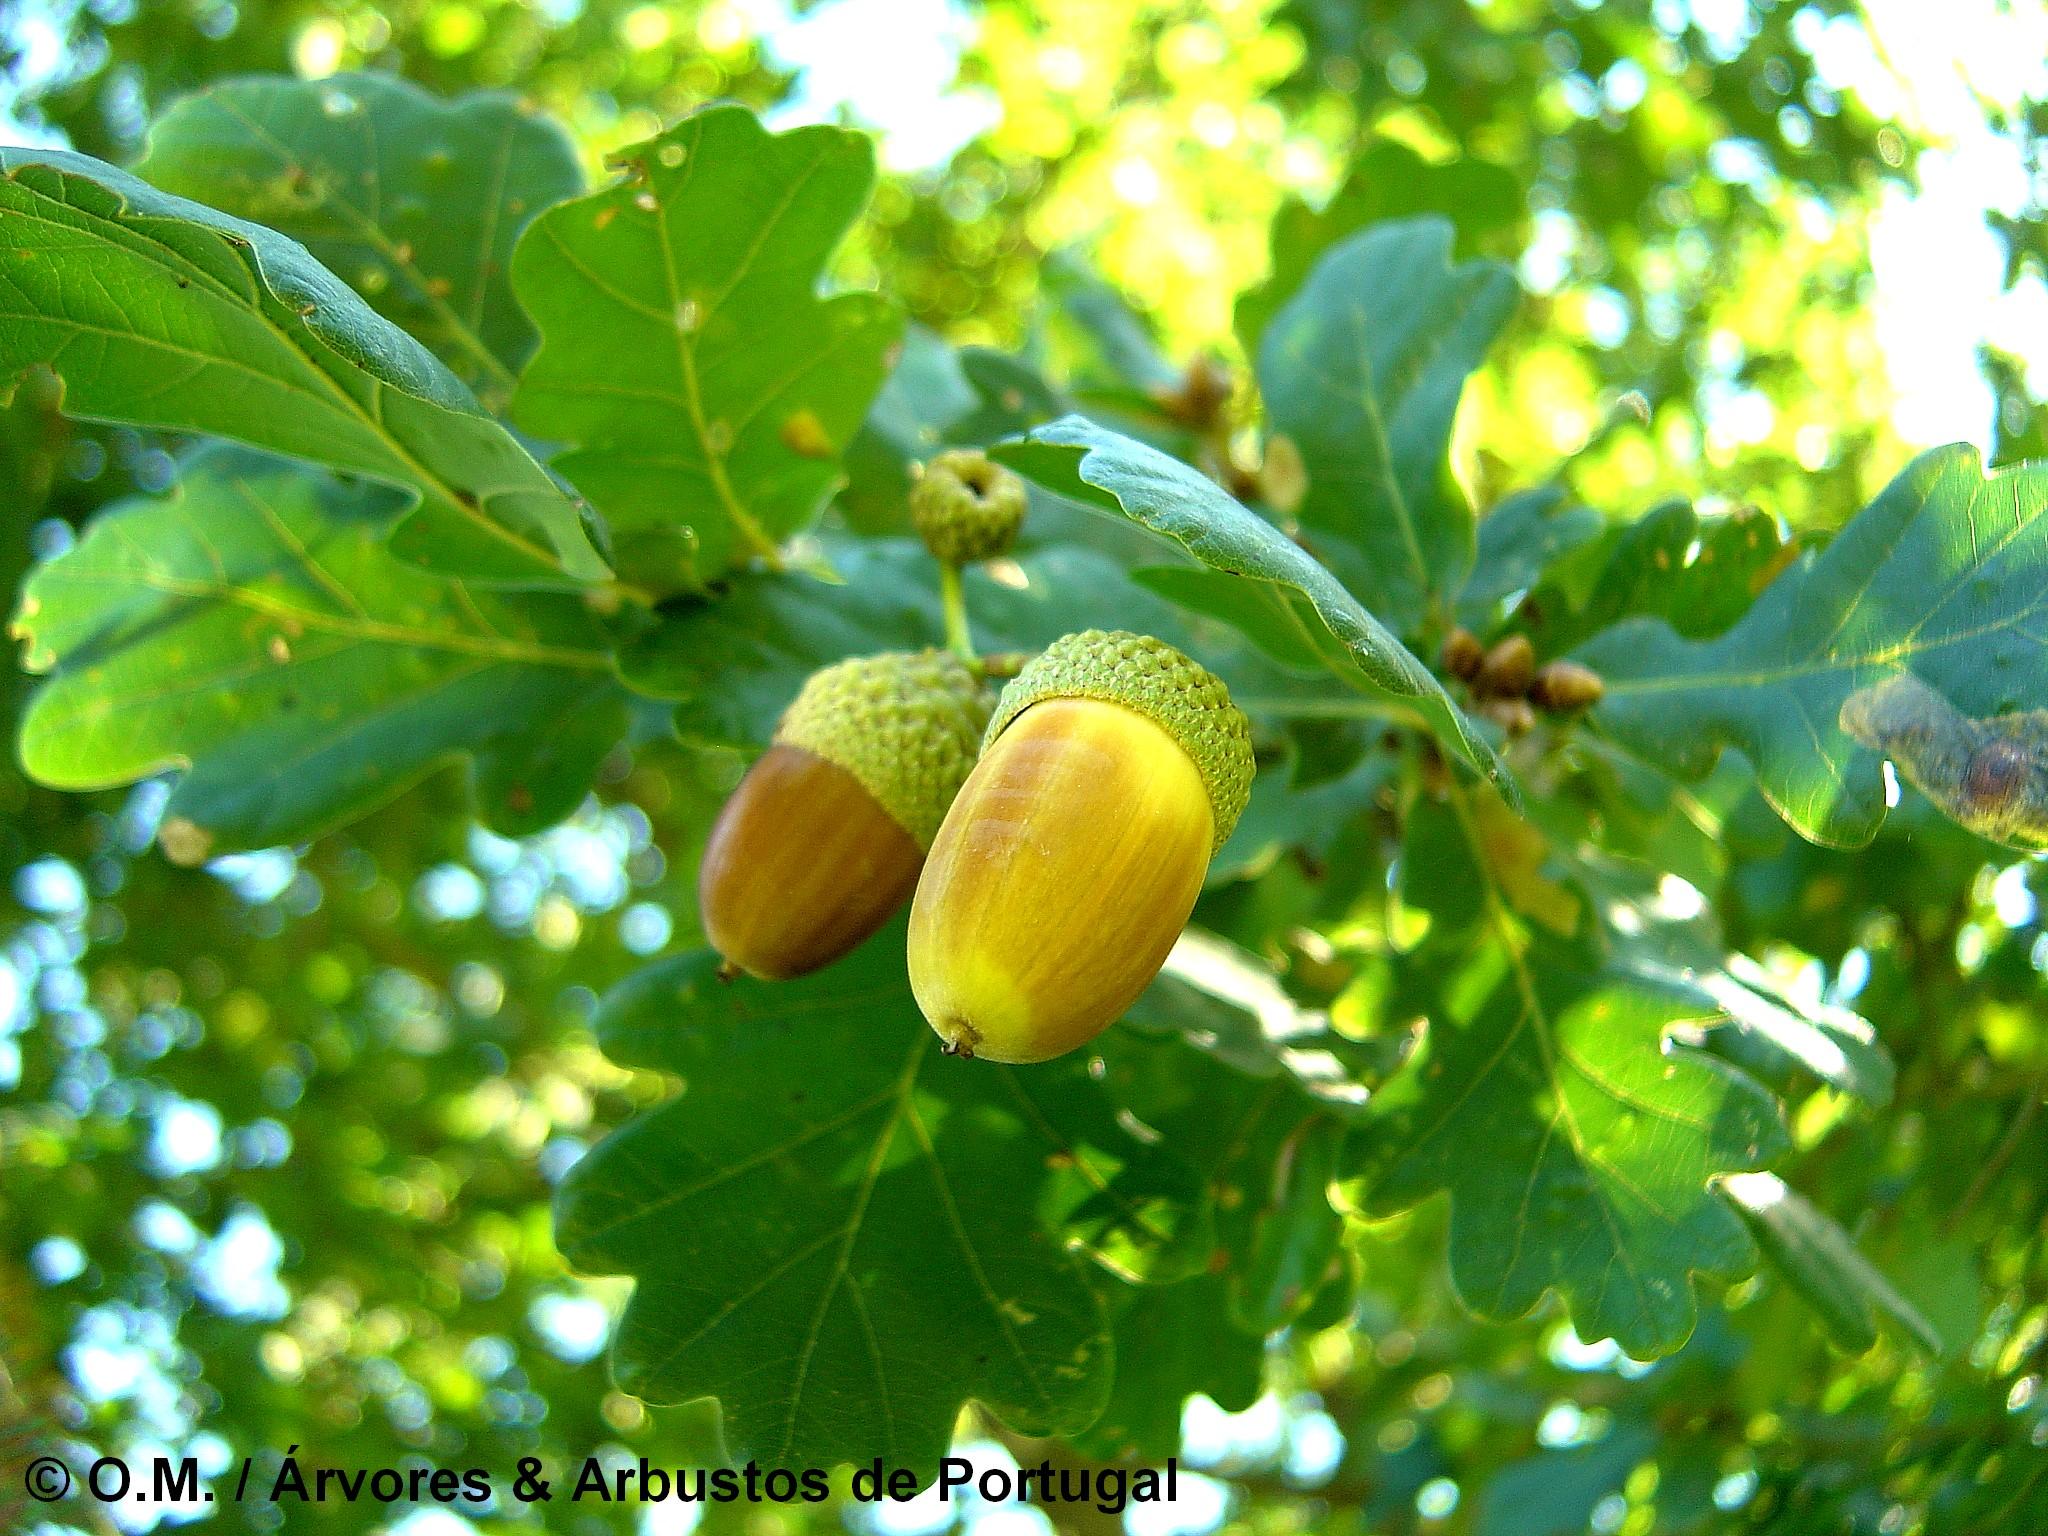 glandes maduras de carvalho-alvarinho, roble, carvalho-comum - Quercus robur